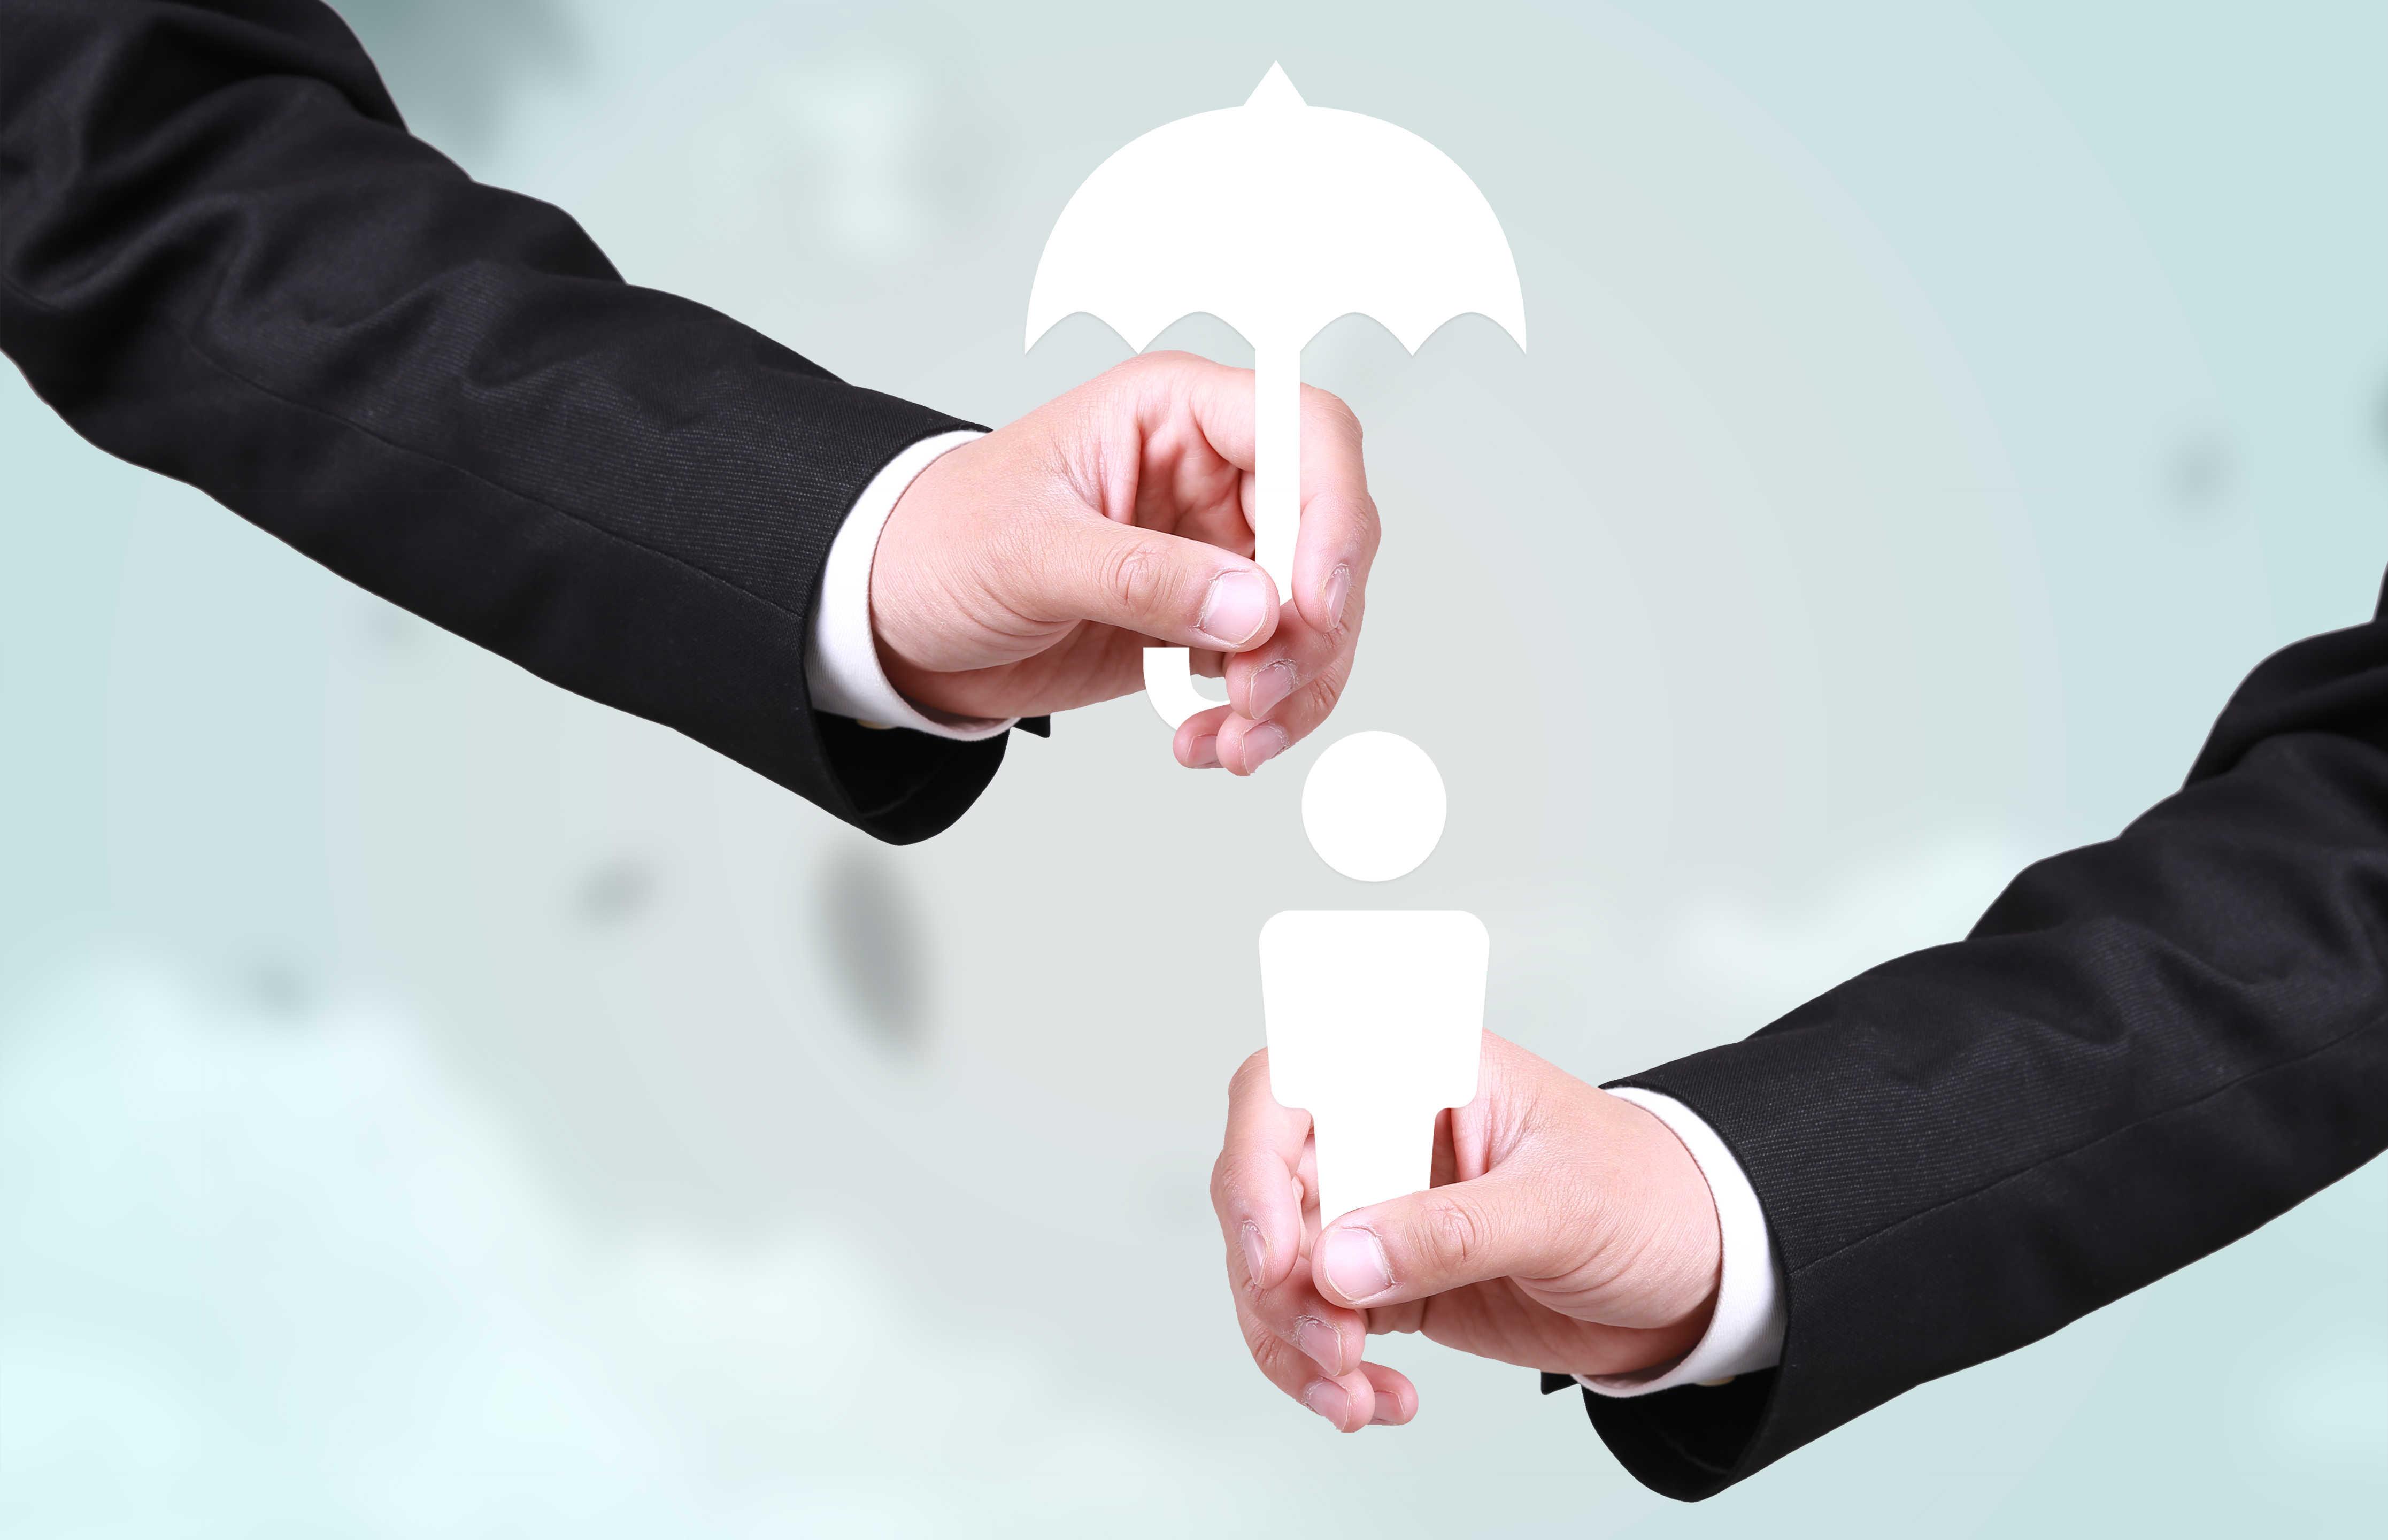 企业社保代缴的企业怎么收费,代缴社保的企业,代理社保